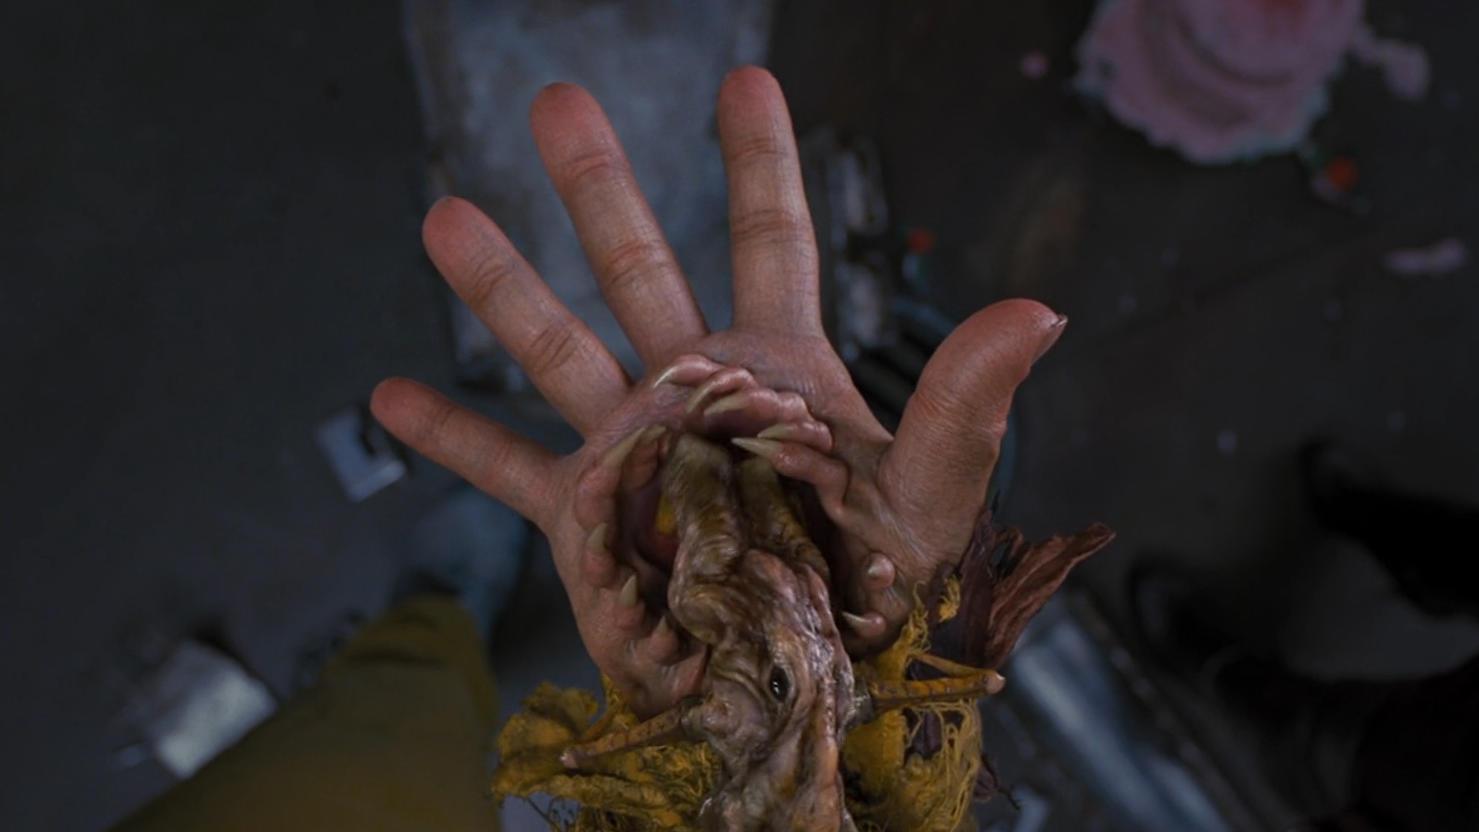 #科幻电影#小伙的手寄养着一只虫子,不仅可以保护他的安全,还可以攻击敌人